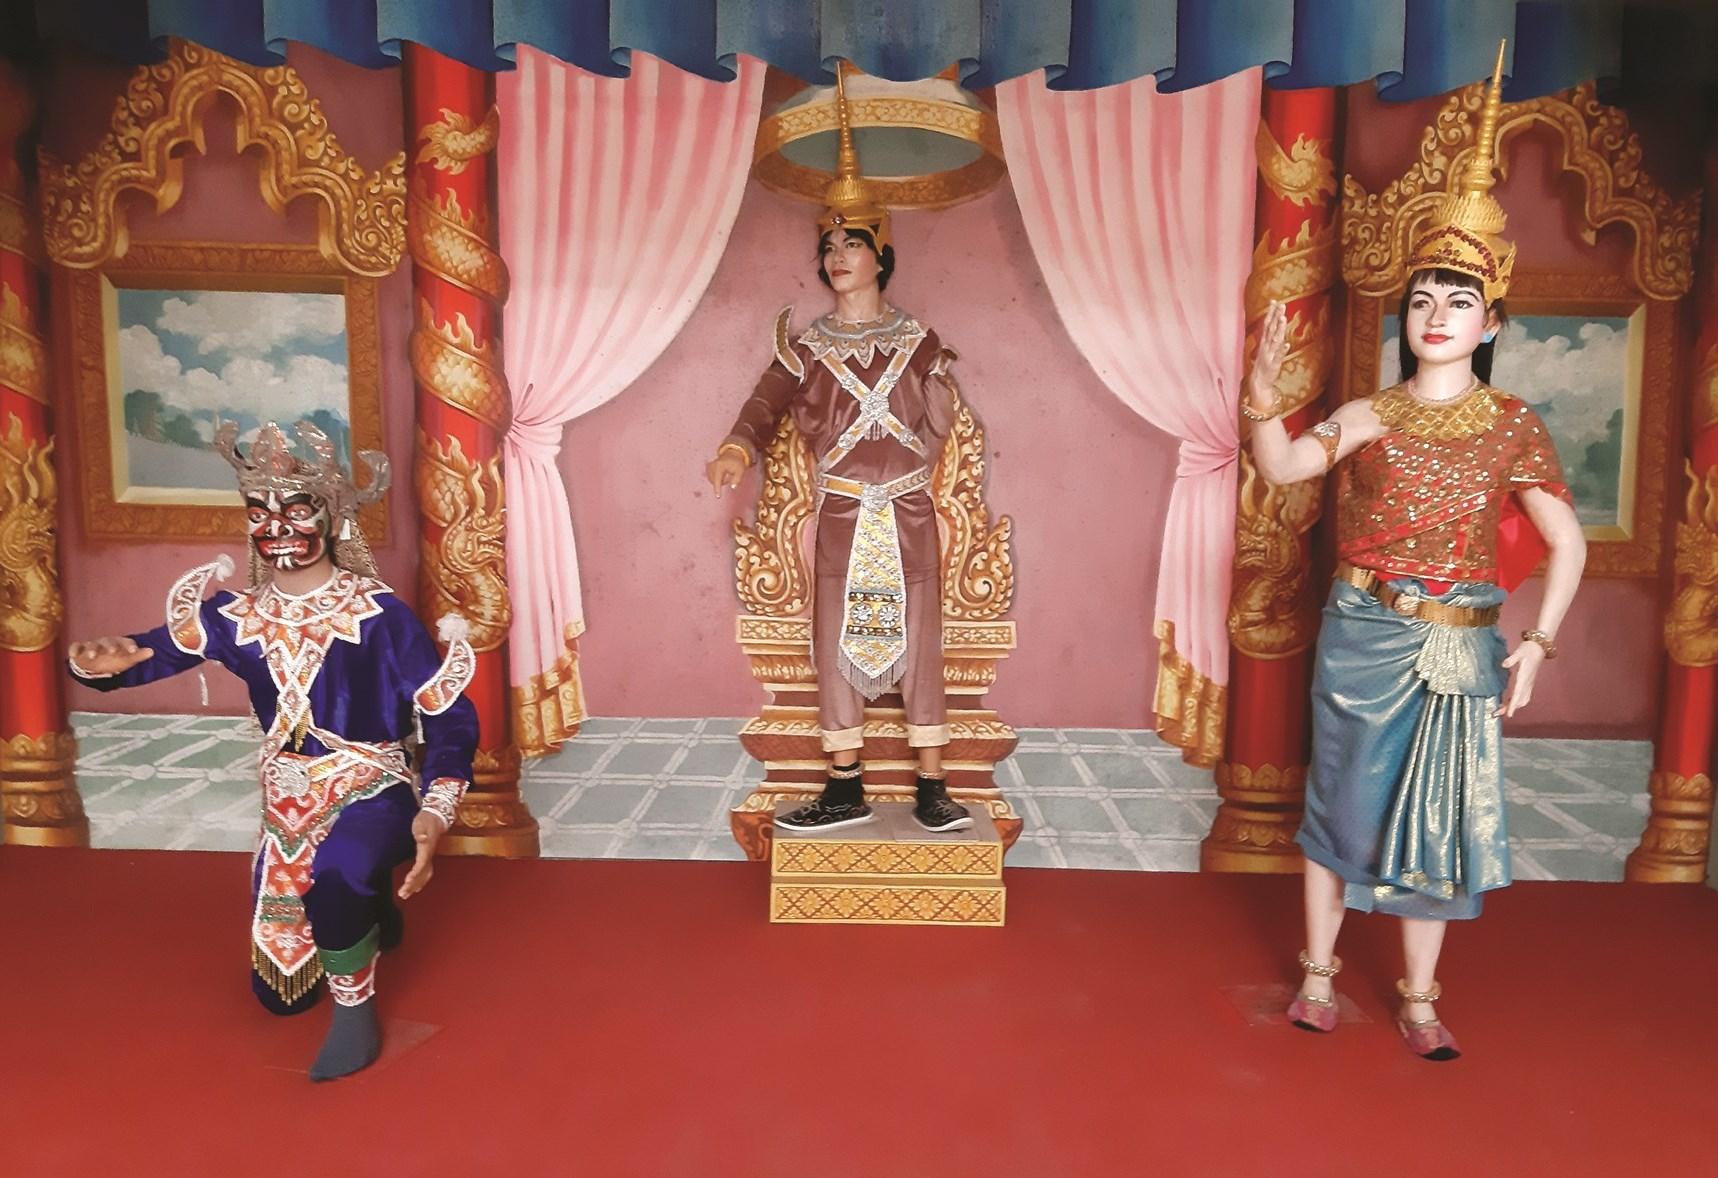 Mô hình tái hiện lại không gian nghệ thuật sân khấu kịch múa Rô băm